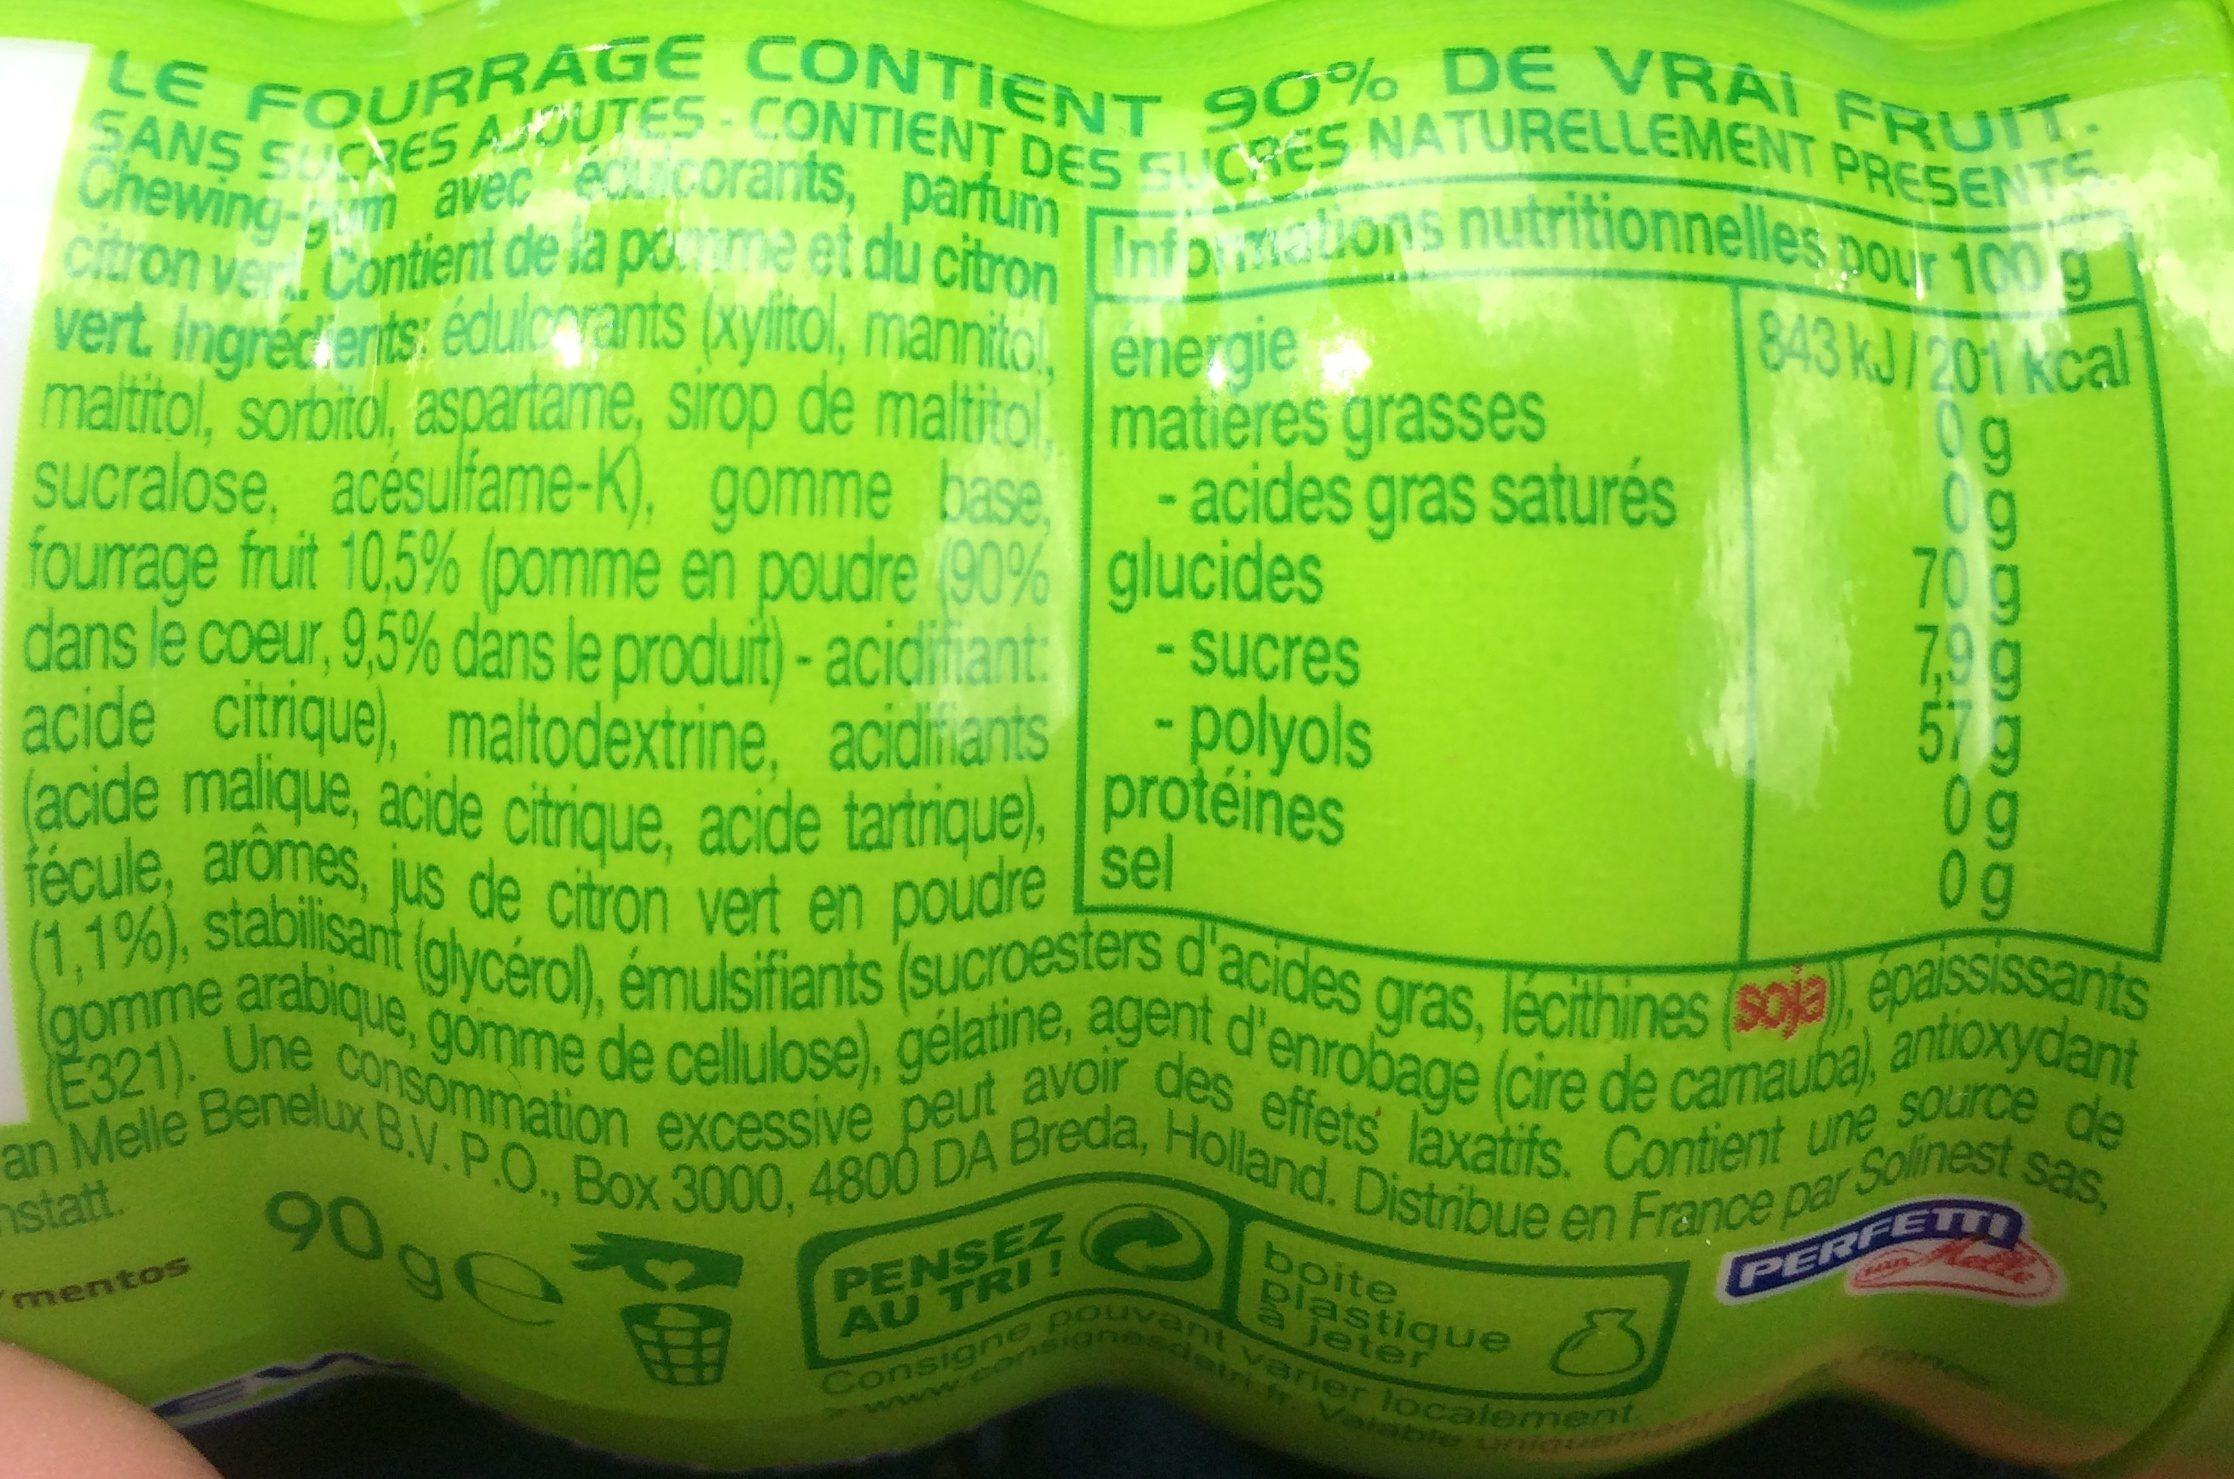 Chewing gum mentos squeez parfum citron vert 90 g e 45 - Acide citrique leclerc ...